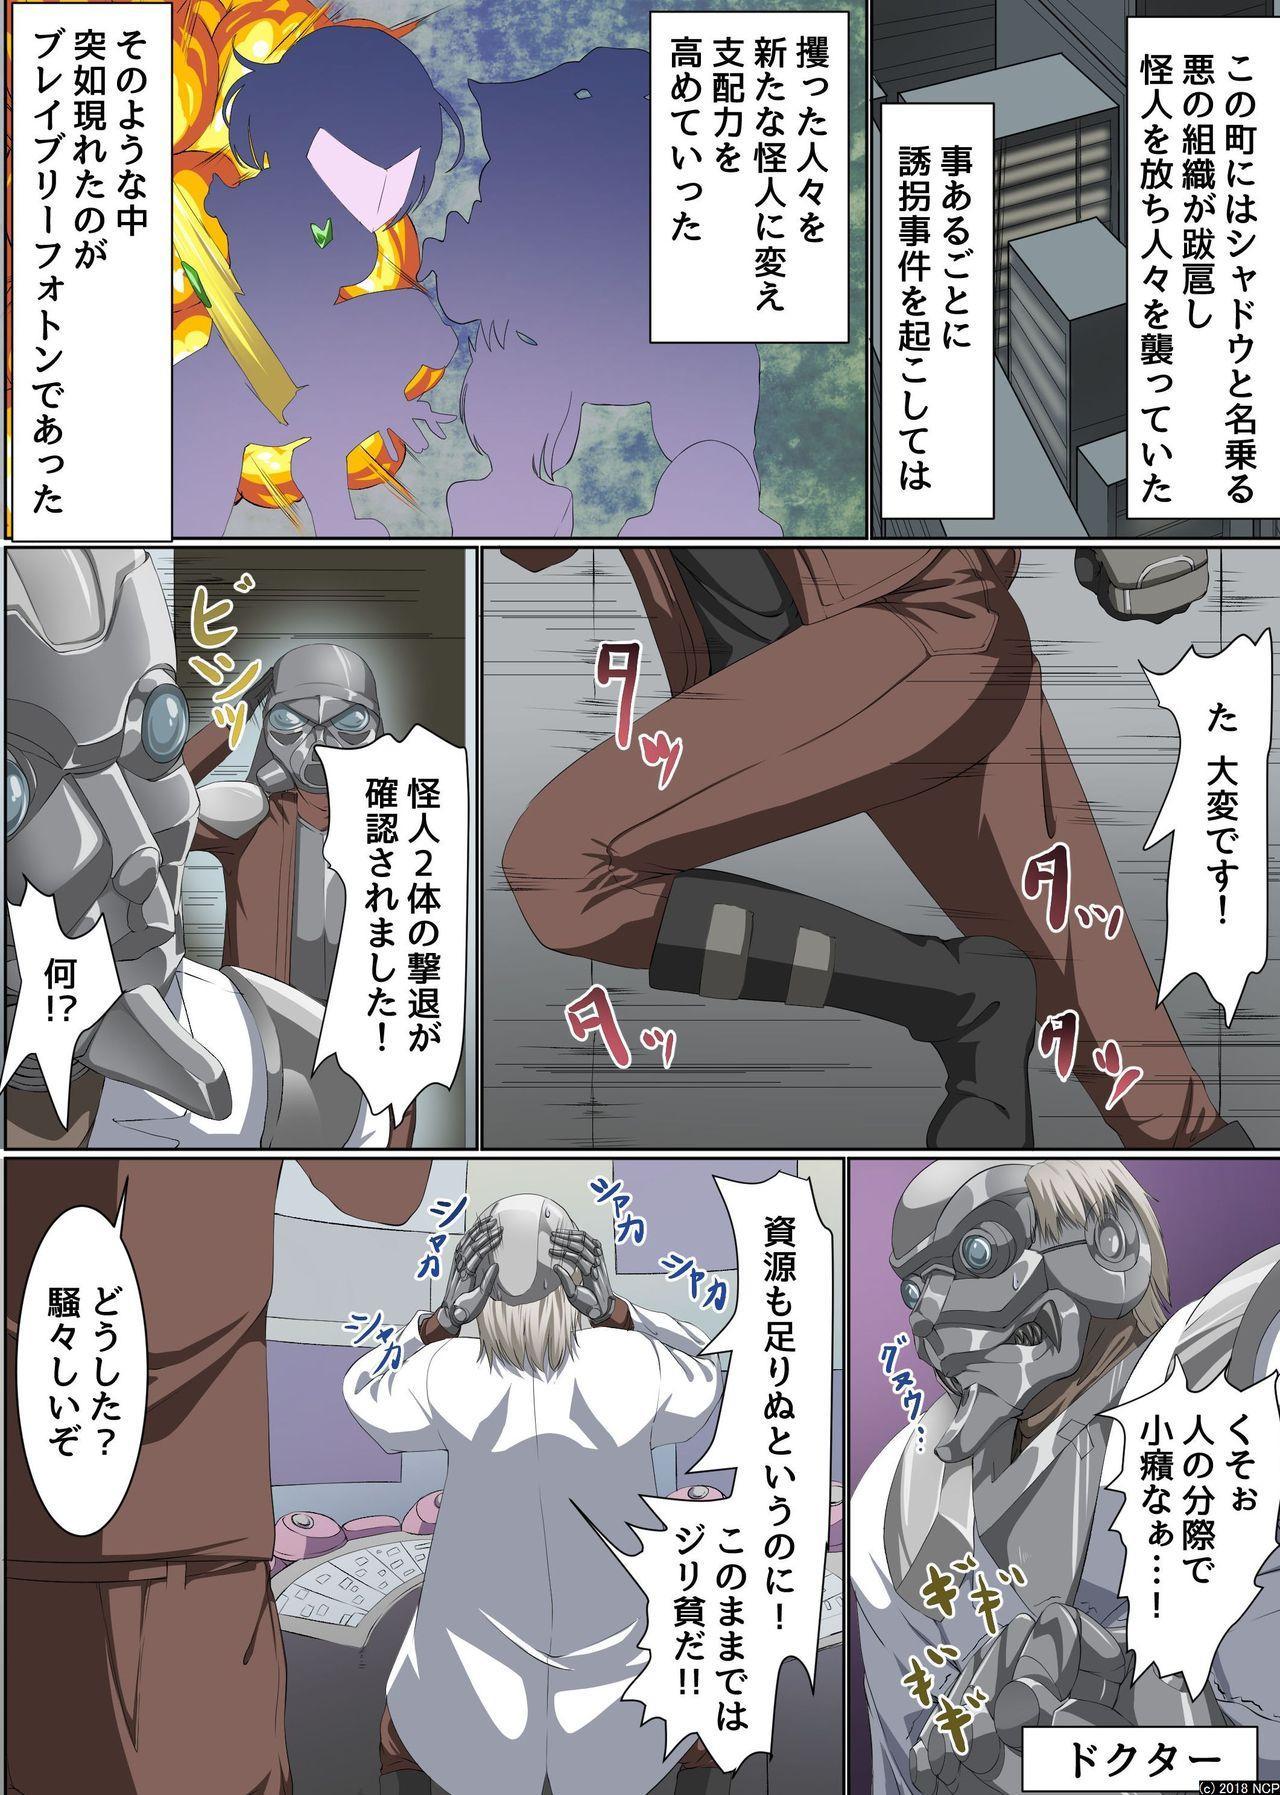 Henshin Heroine Shokushu Zeme ~ Kikaijikake no Kairaku Jigoku Ochi 3